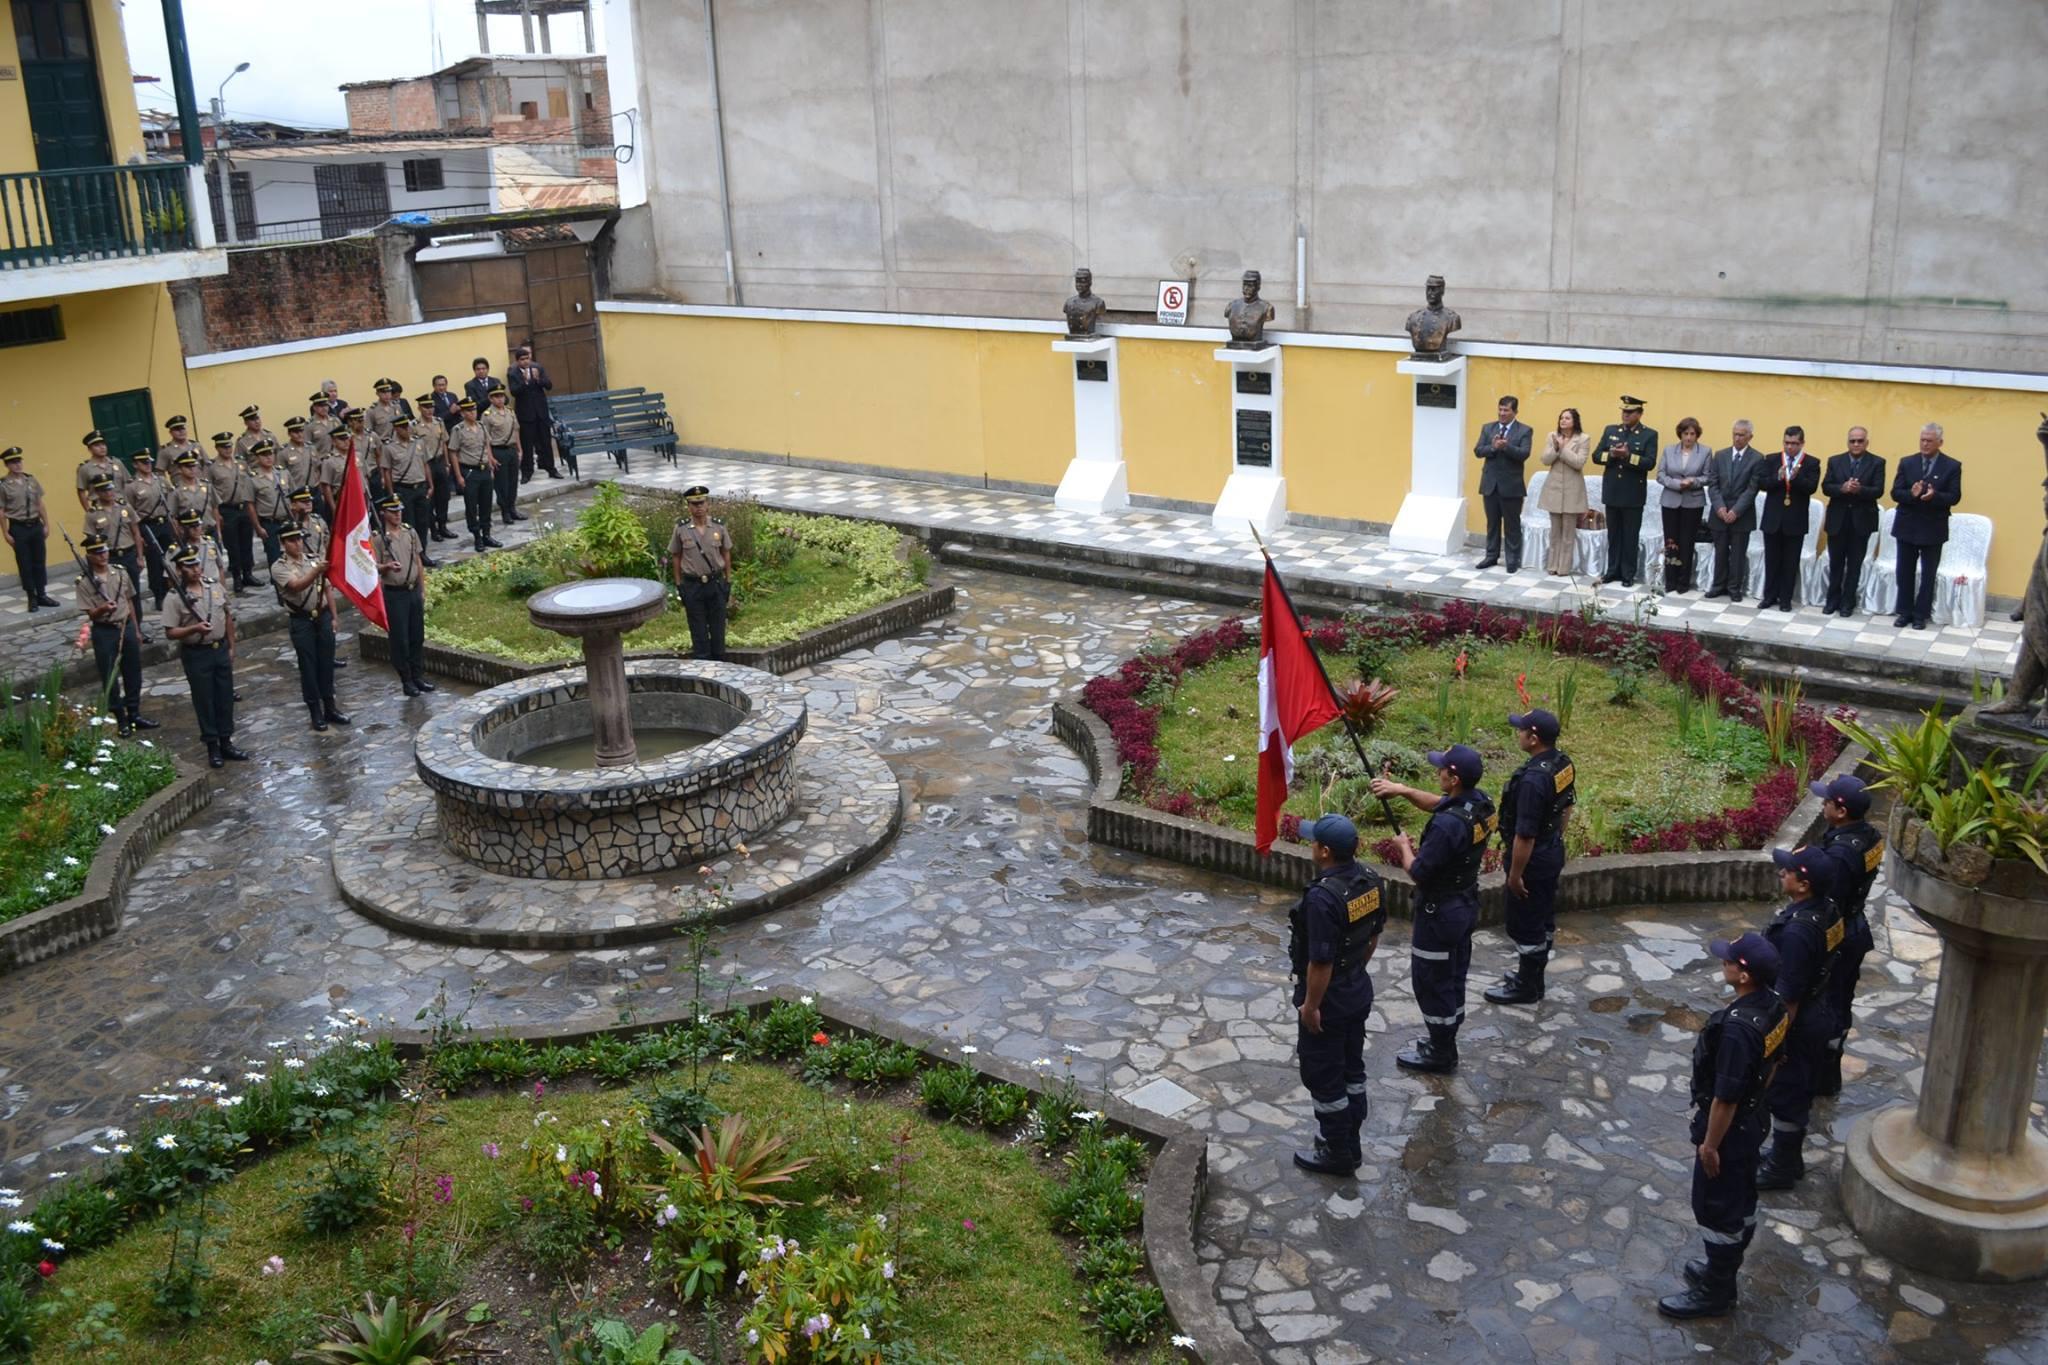 MUNICIPALIDAD DE CHACHAPOYAS RINDIÓ HOMENAJE A HEROES DE LAS BATALLAS DE SAN JUAN Y MIRAFLORES